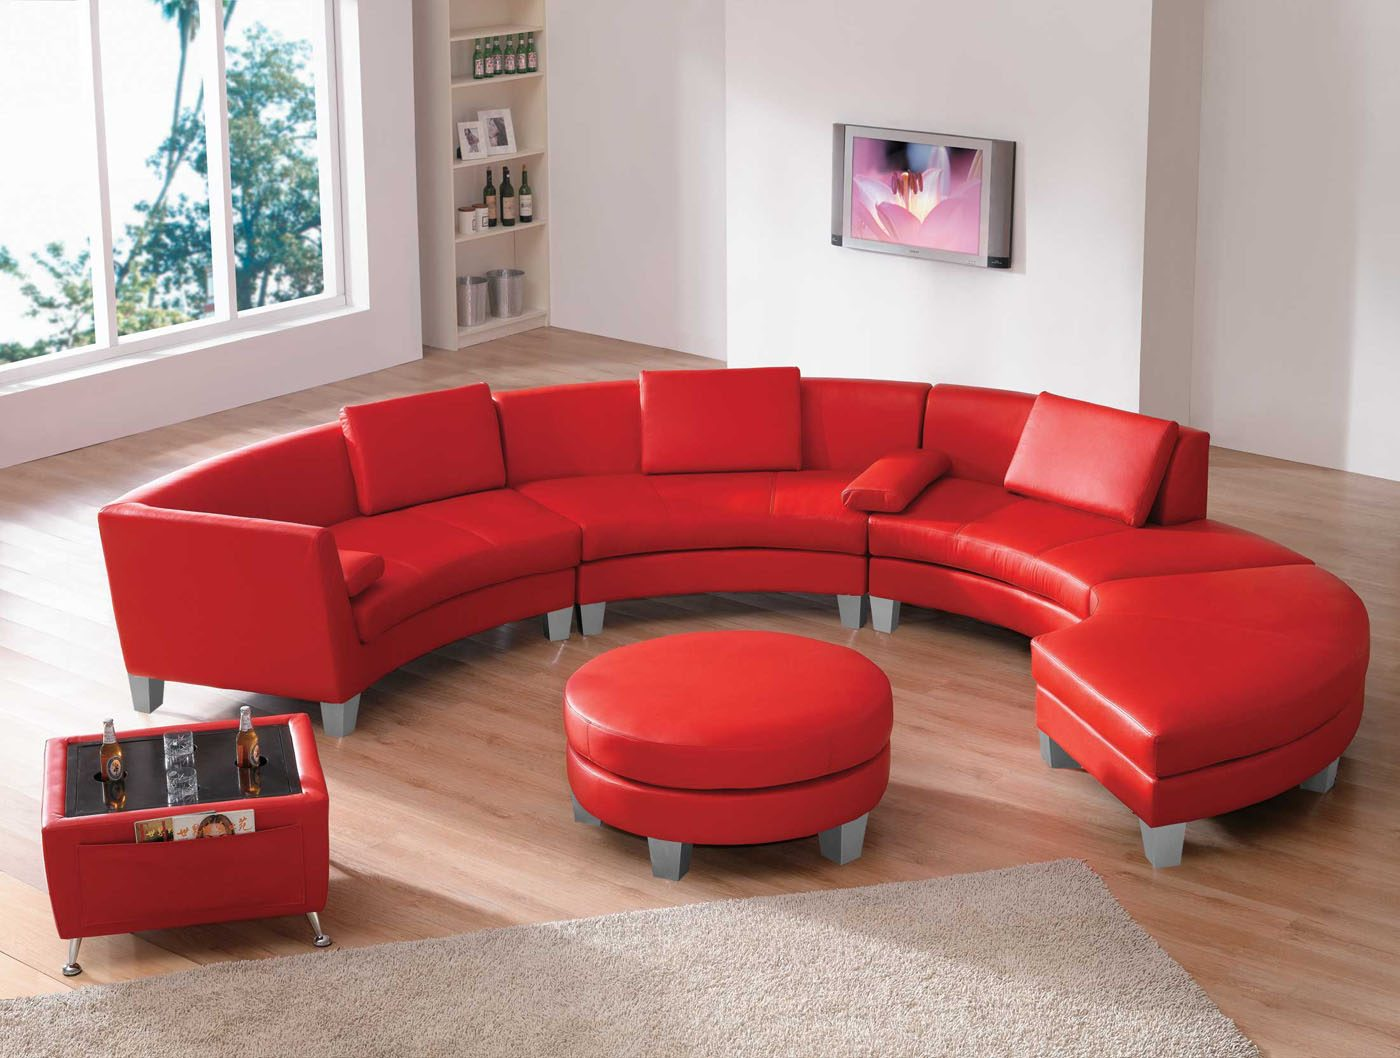 Sof circular de tonos rojos im genes y fotos for Colores de muebles modernos